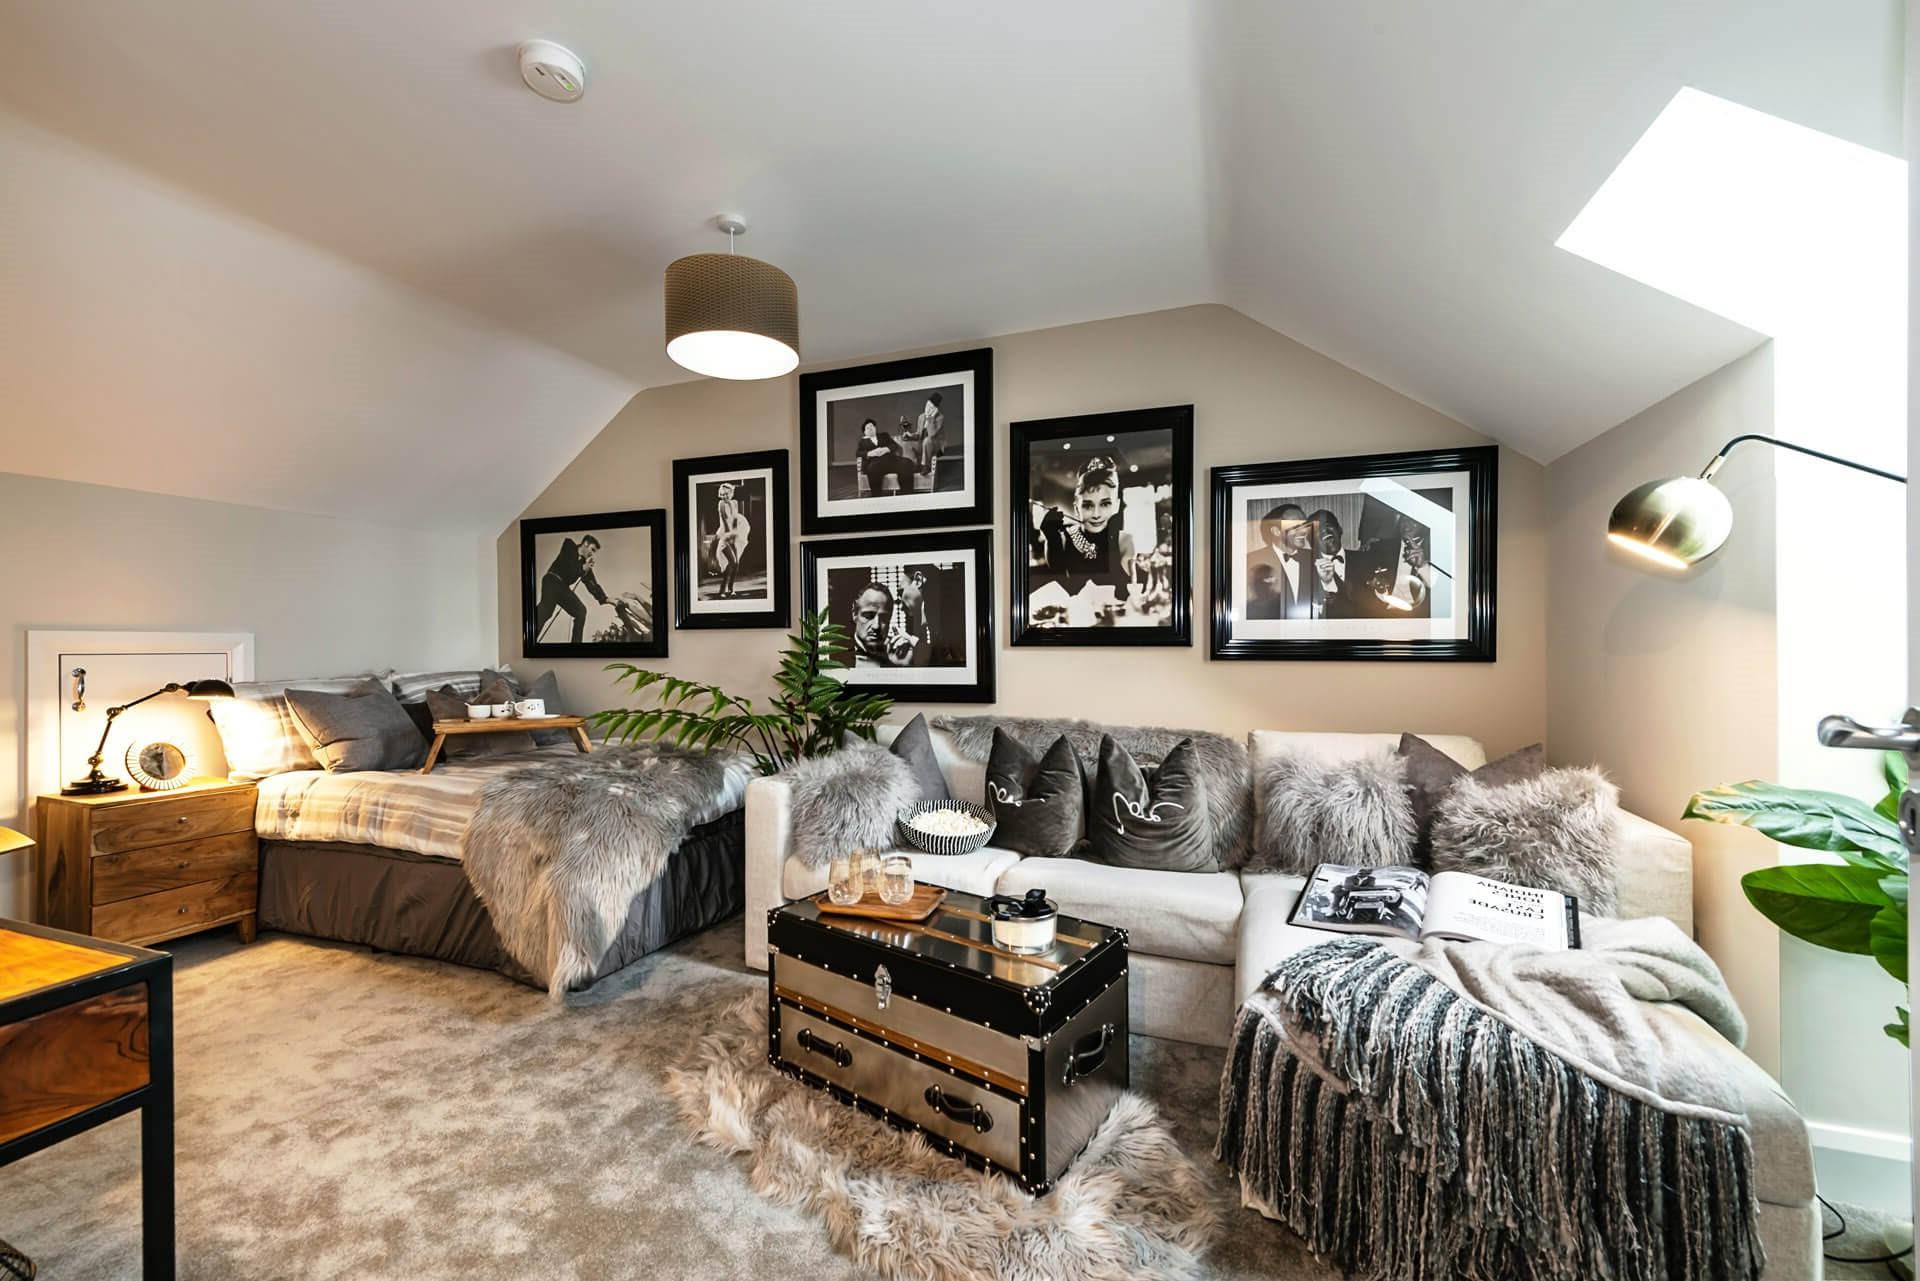 Avec des couches de coussins et de jets gris, le thème de la couleur est simple et apaisant.